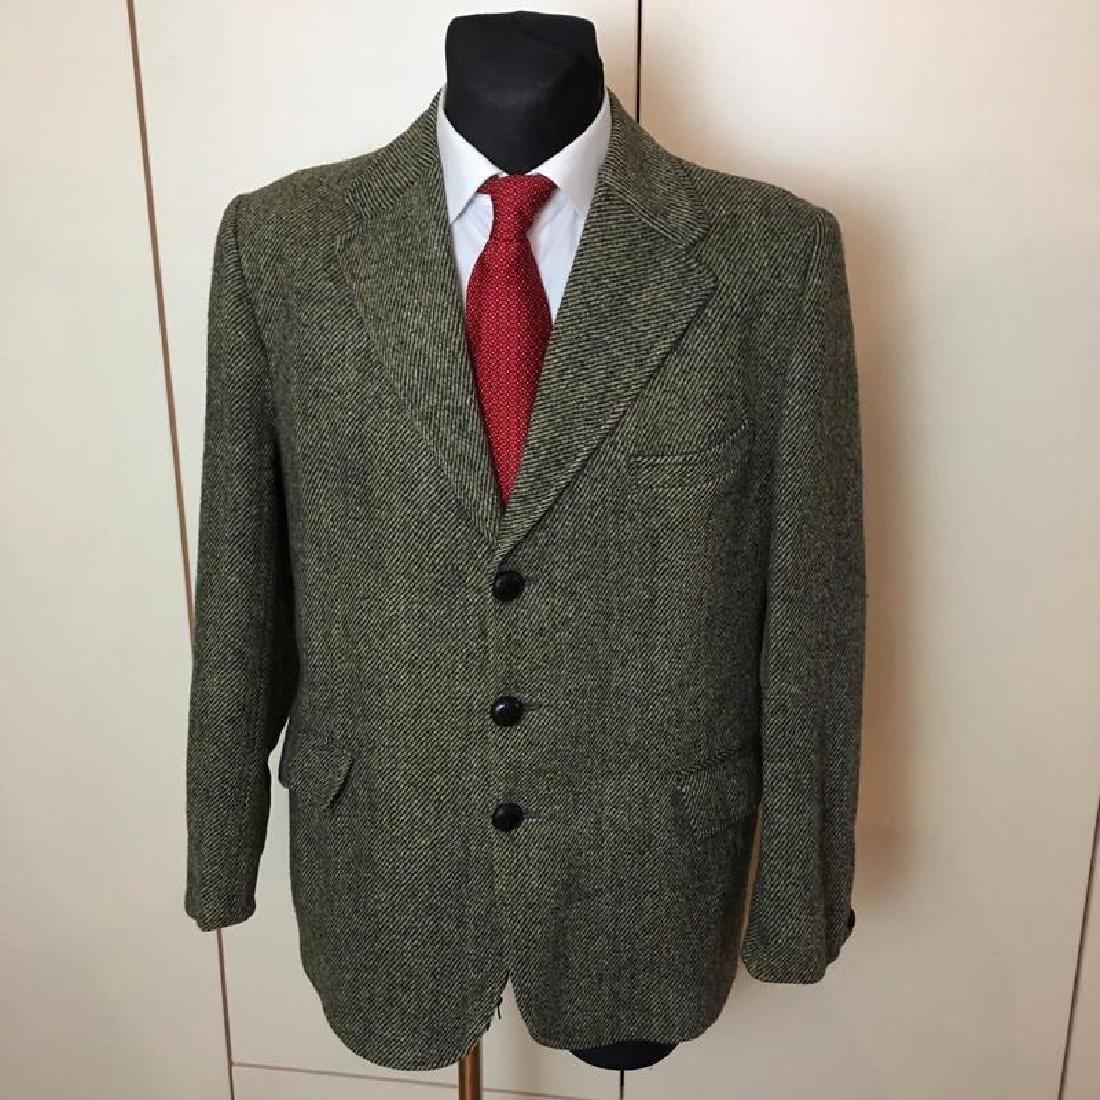 Men's Harris Tweed Handwoven Wool Blazer Jacket Size 50